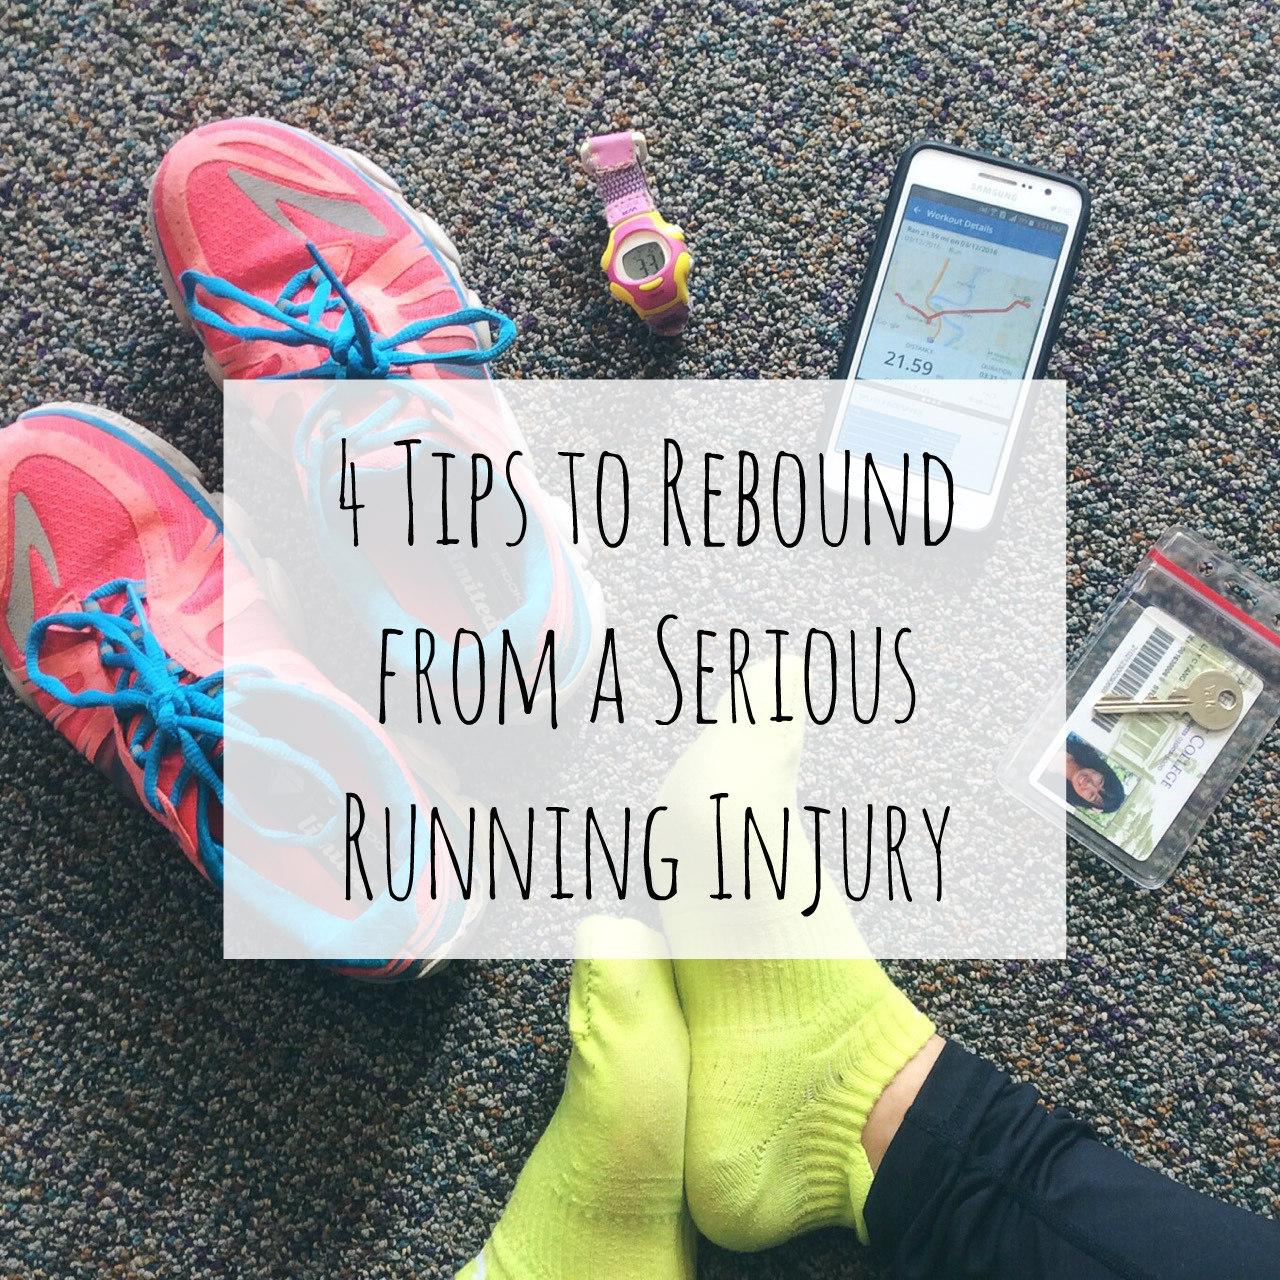 marathon training for injury-prone runners